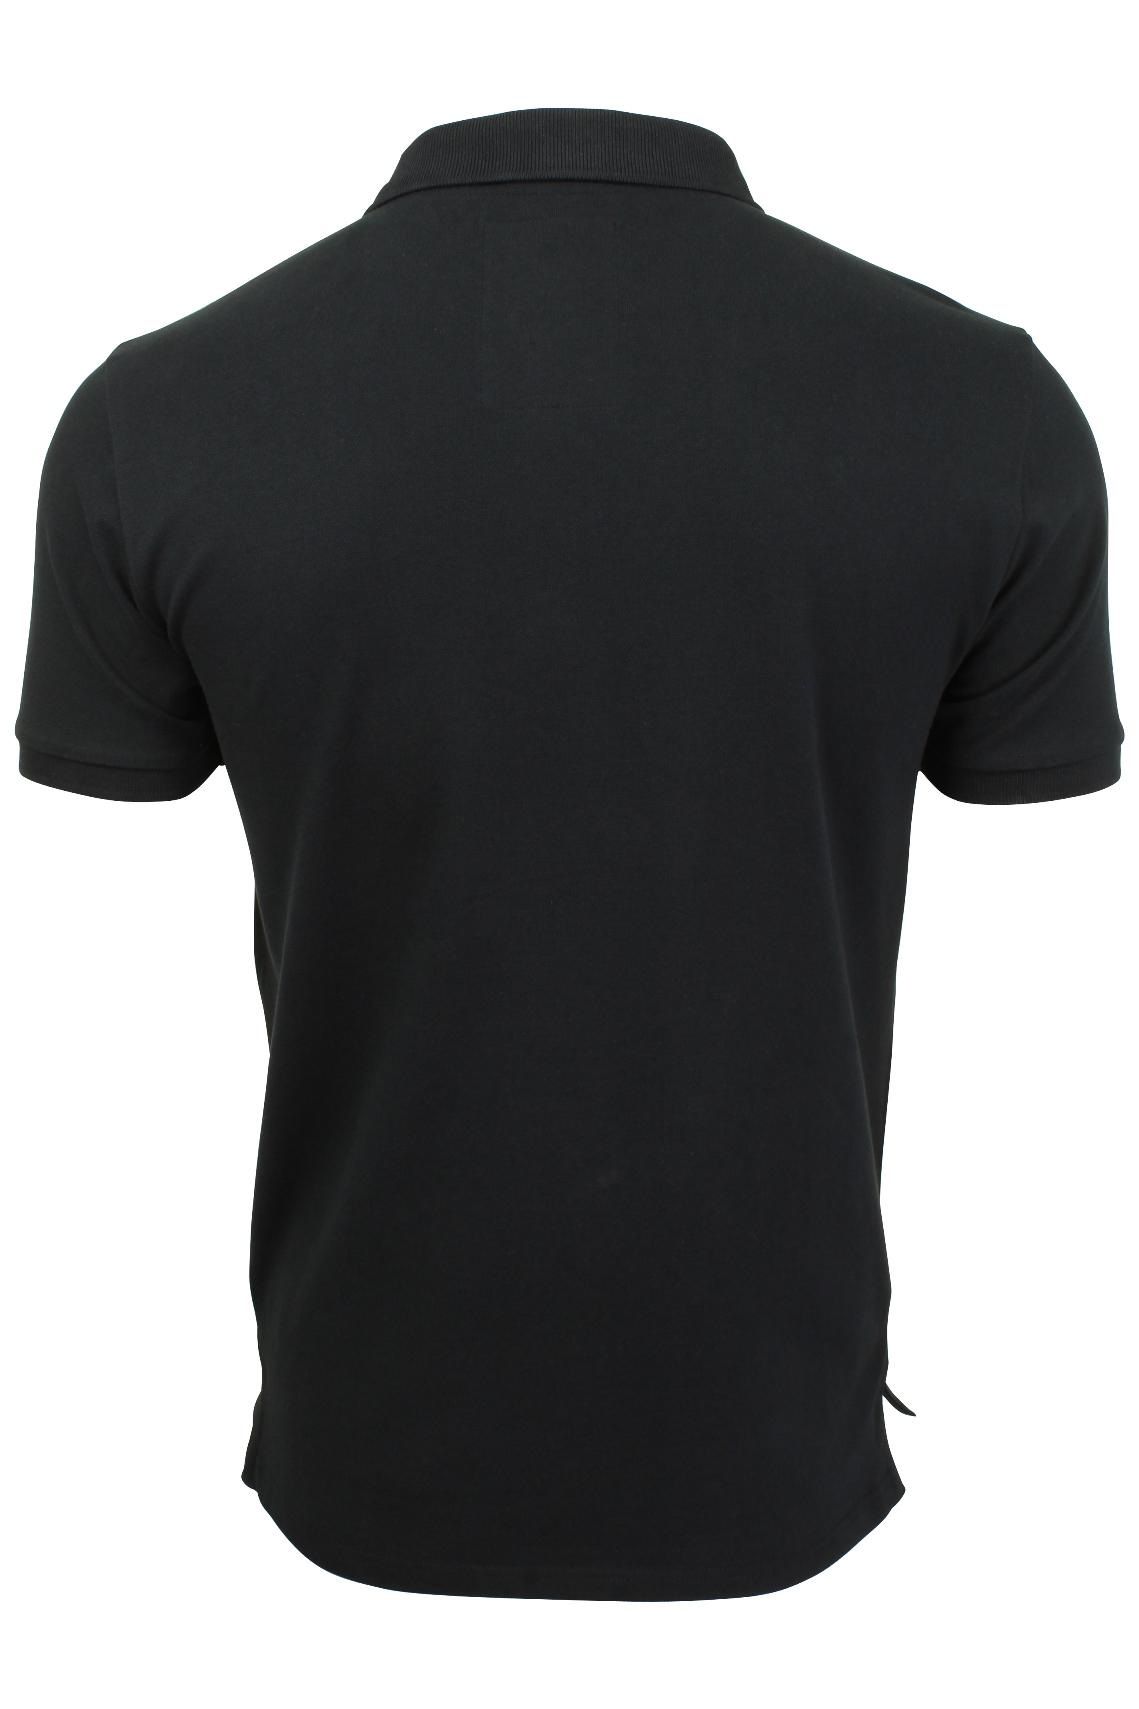 Da-Uomo-Polo-in-pique-da-Tokyo-Laundry-039-Esko-MOLLE-039-s-a-maniche-corte